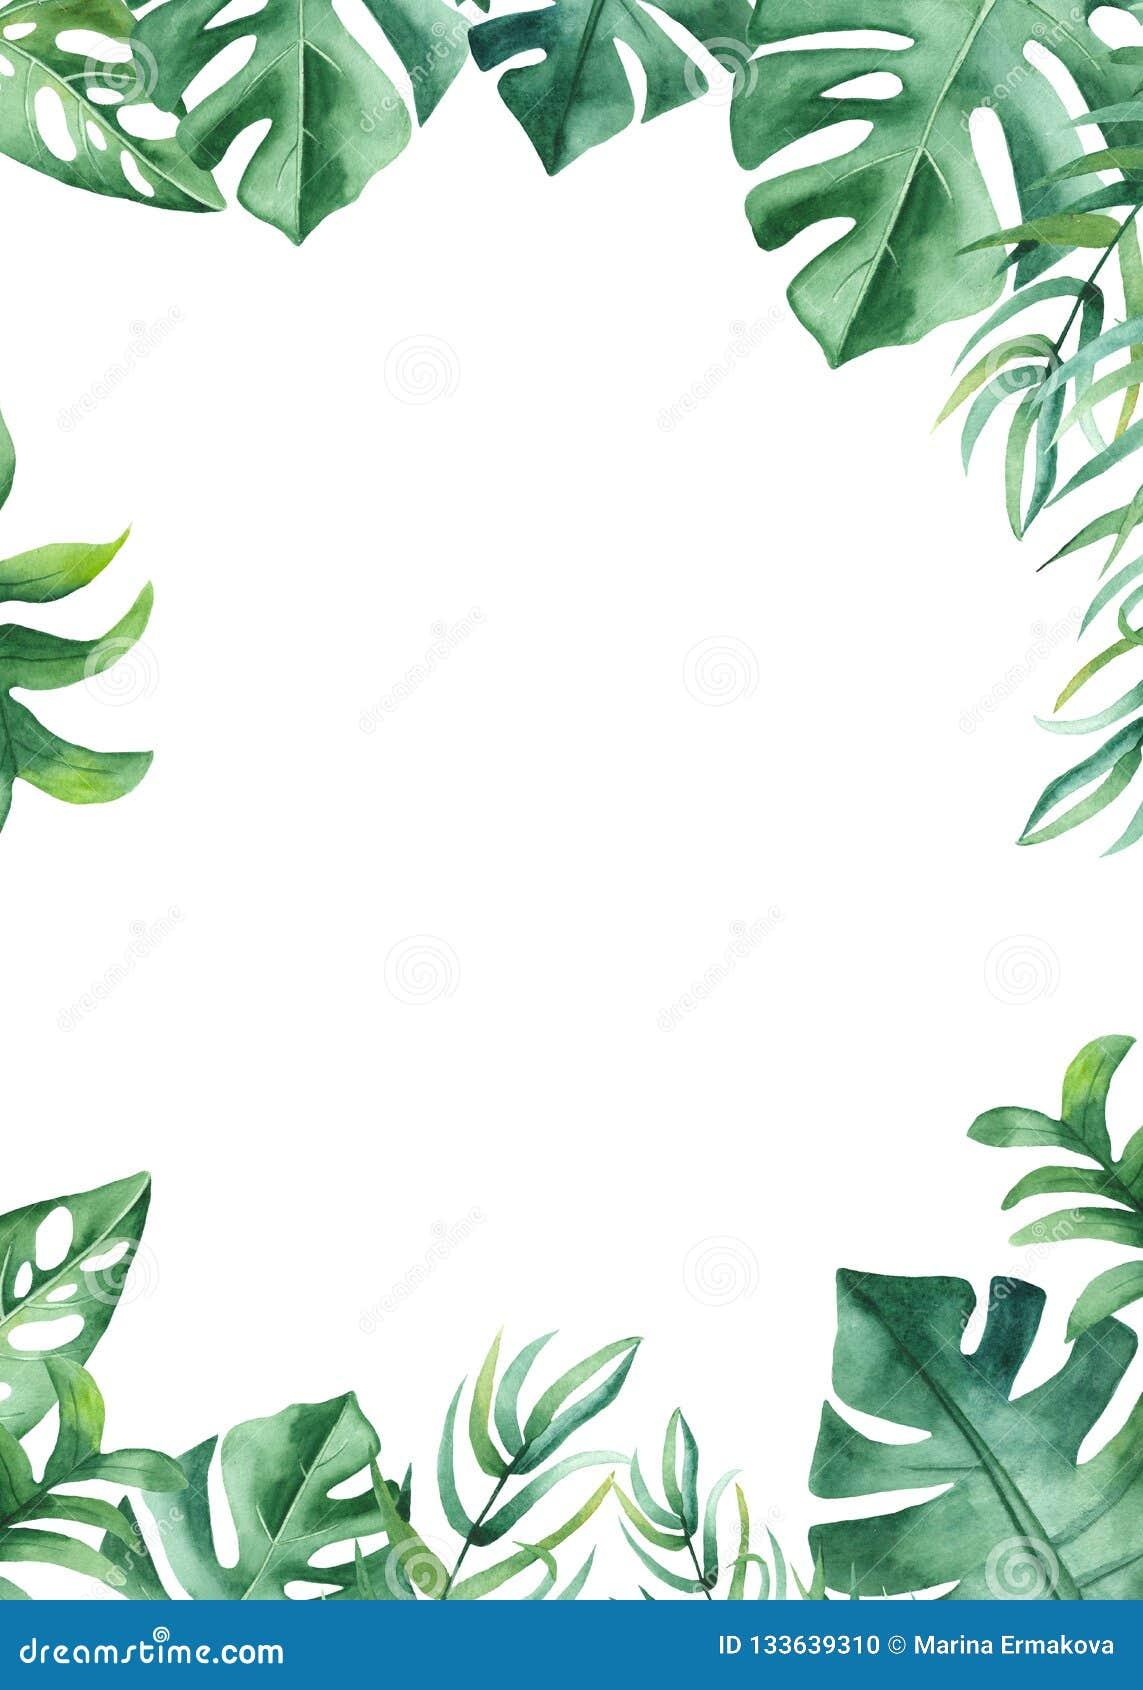 Vattenfärgram med tropiska sidor och blommor, vattenfärgfläckar